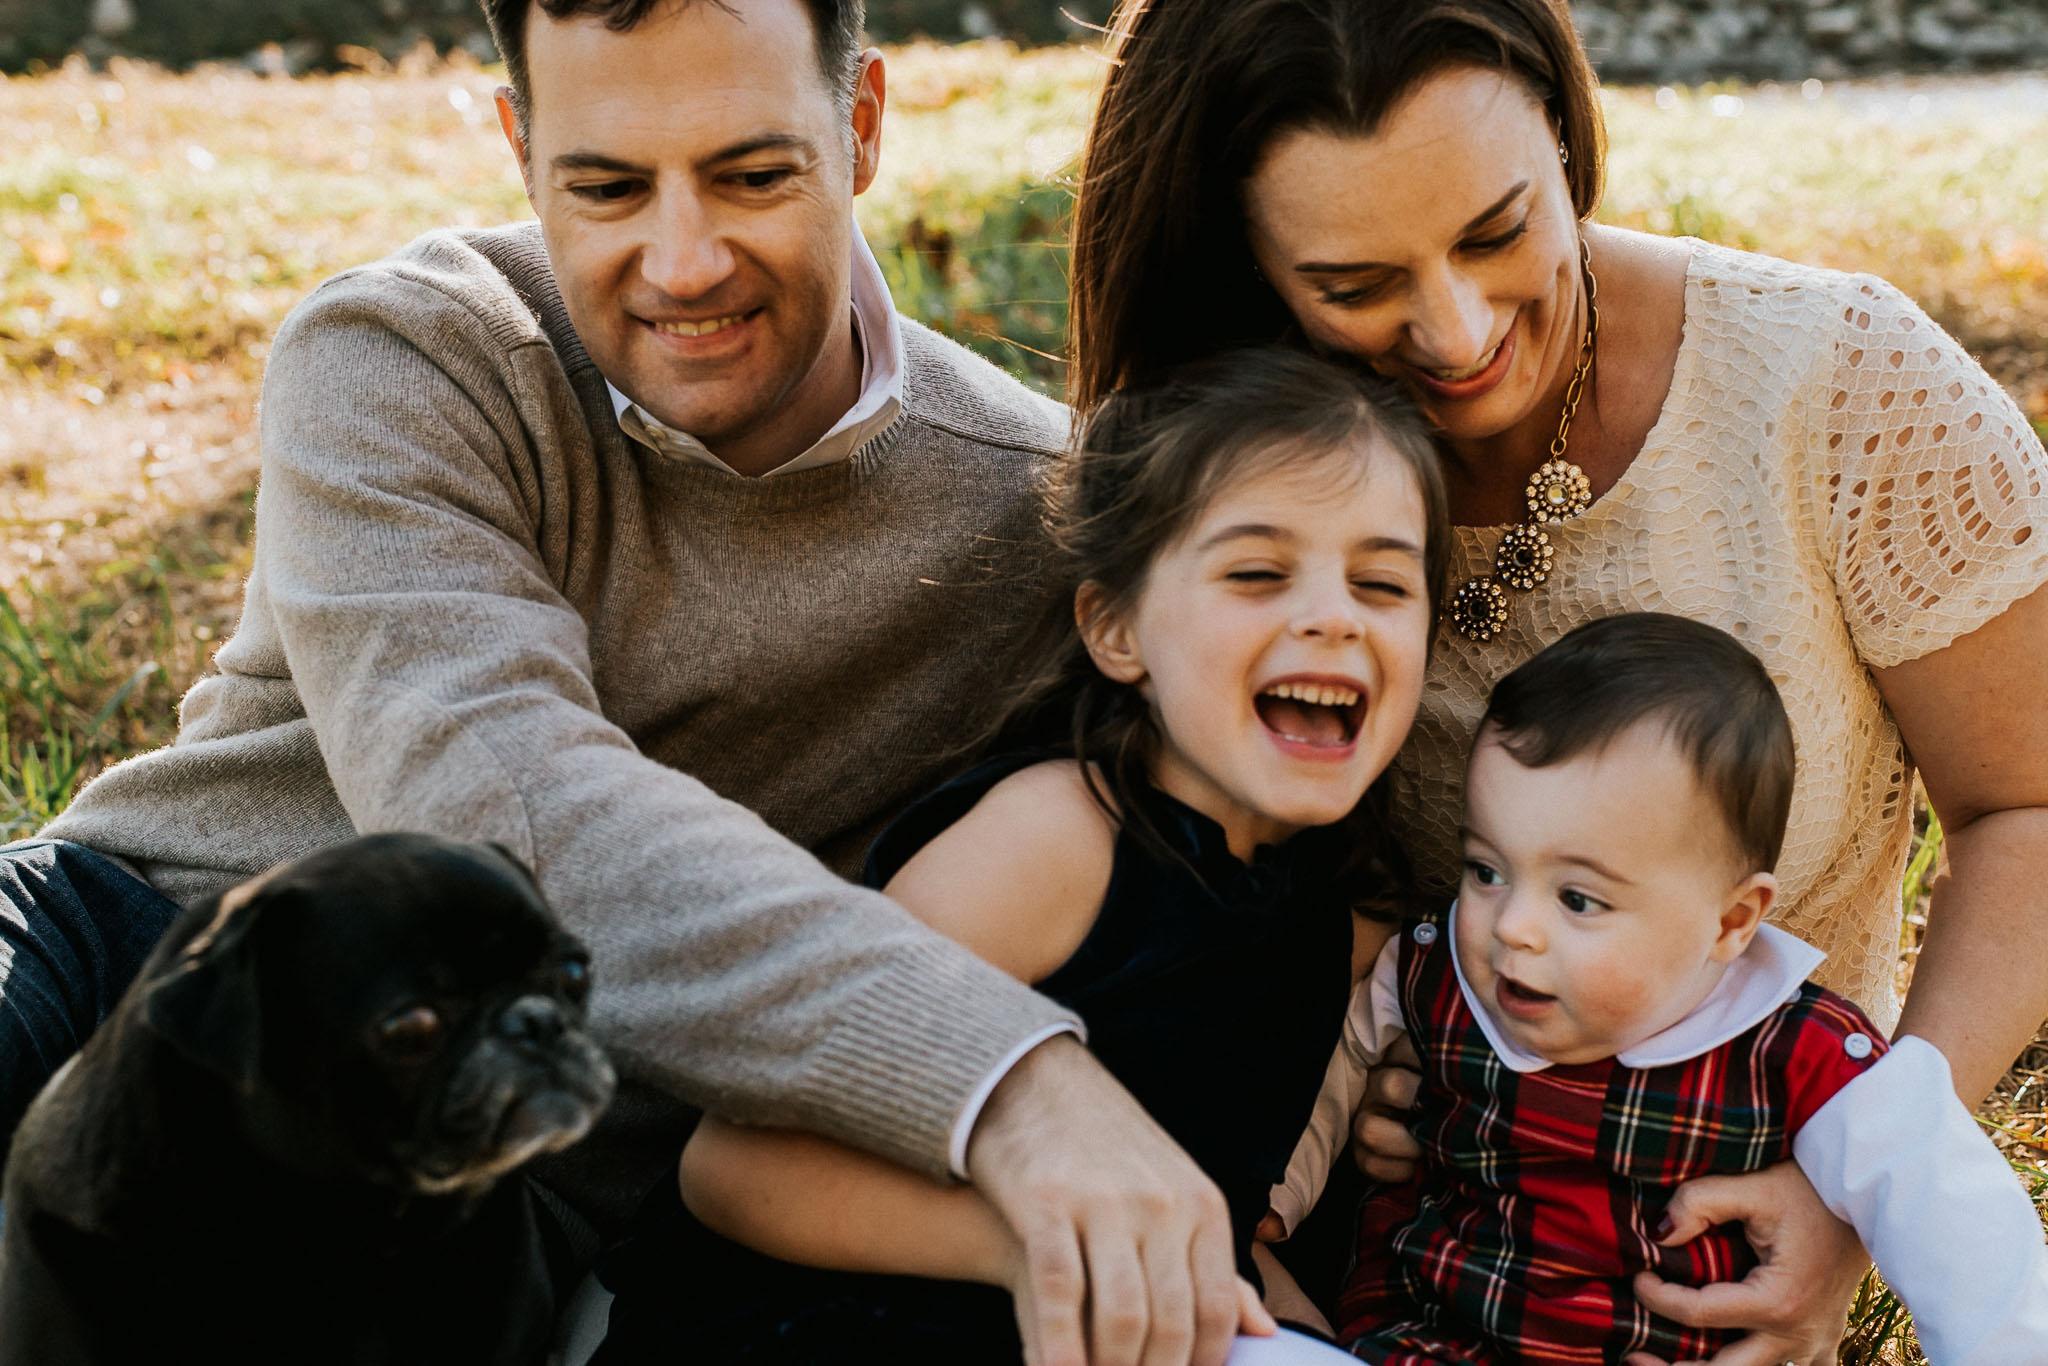 family photographer washington dc virginia maryland